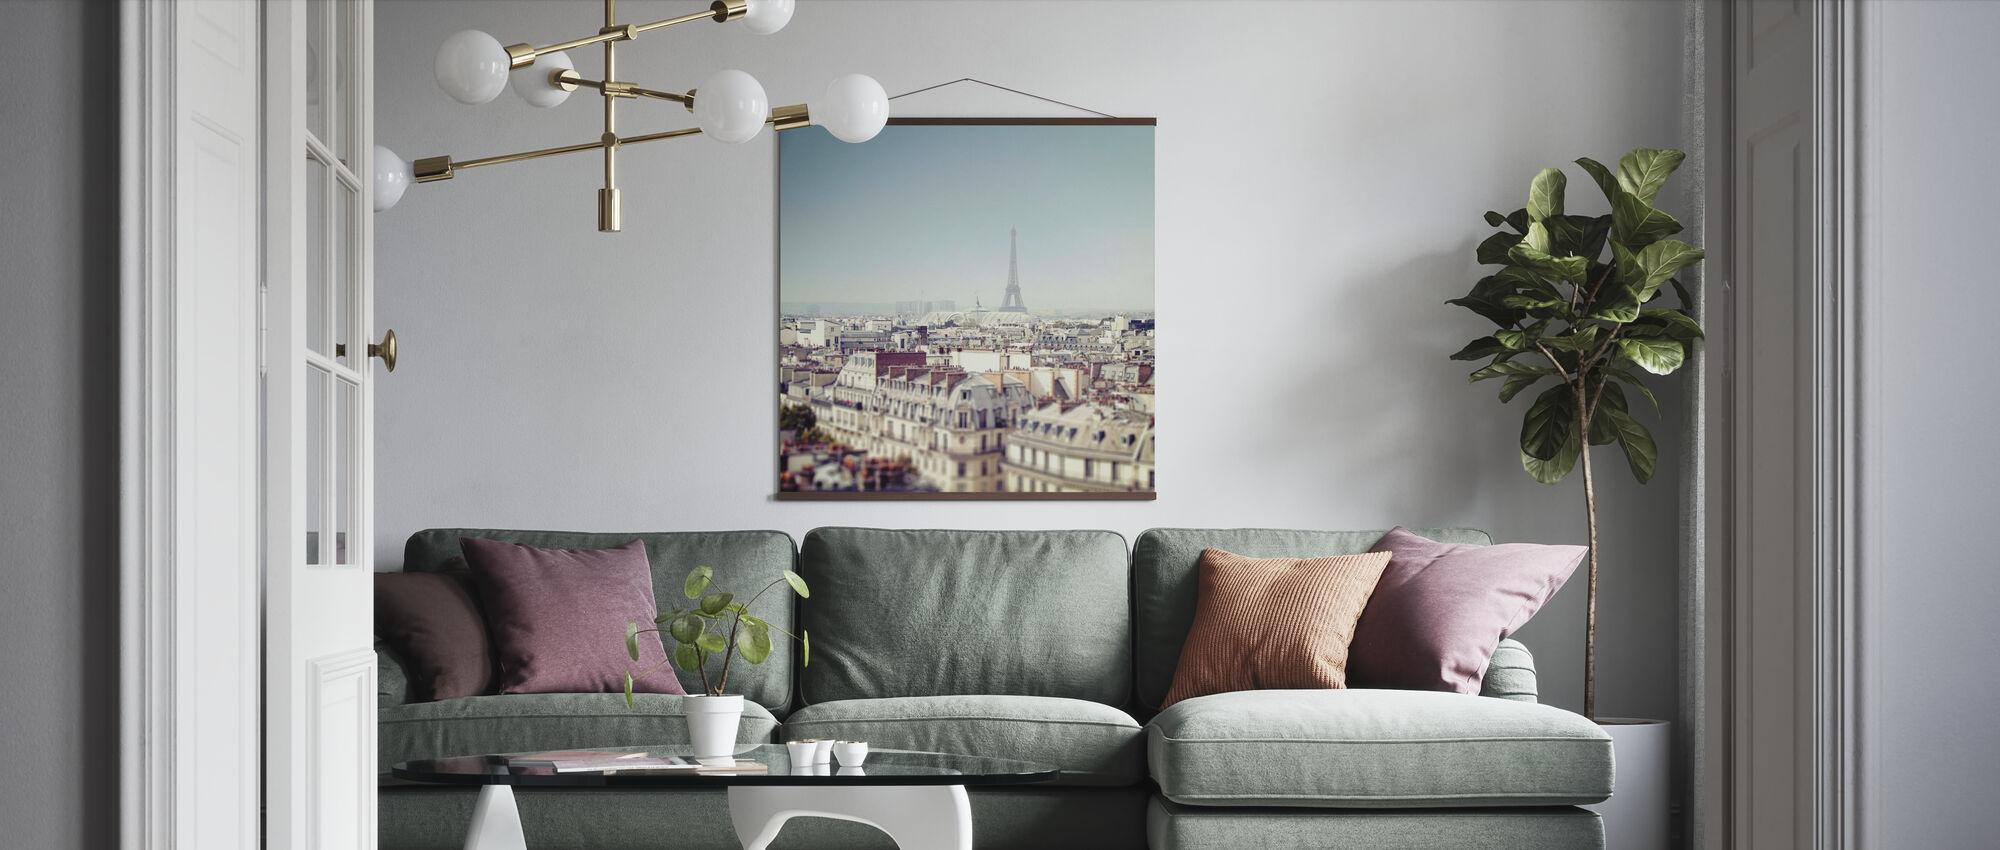 Paris Moments VI - Poster - Living Room